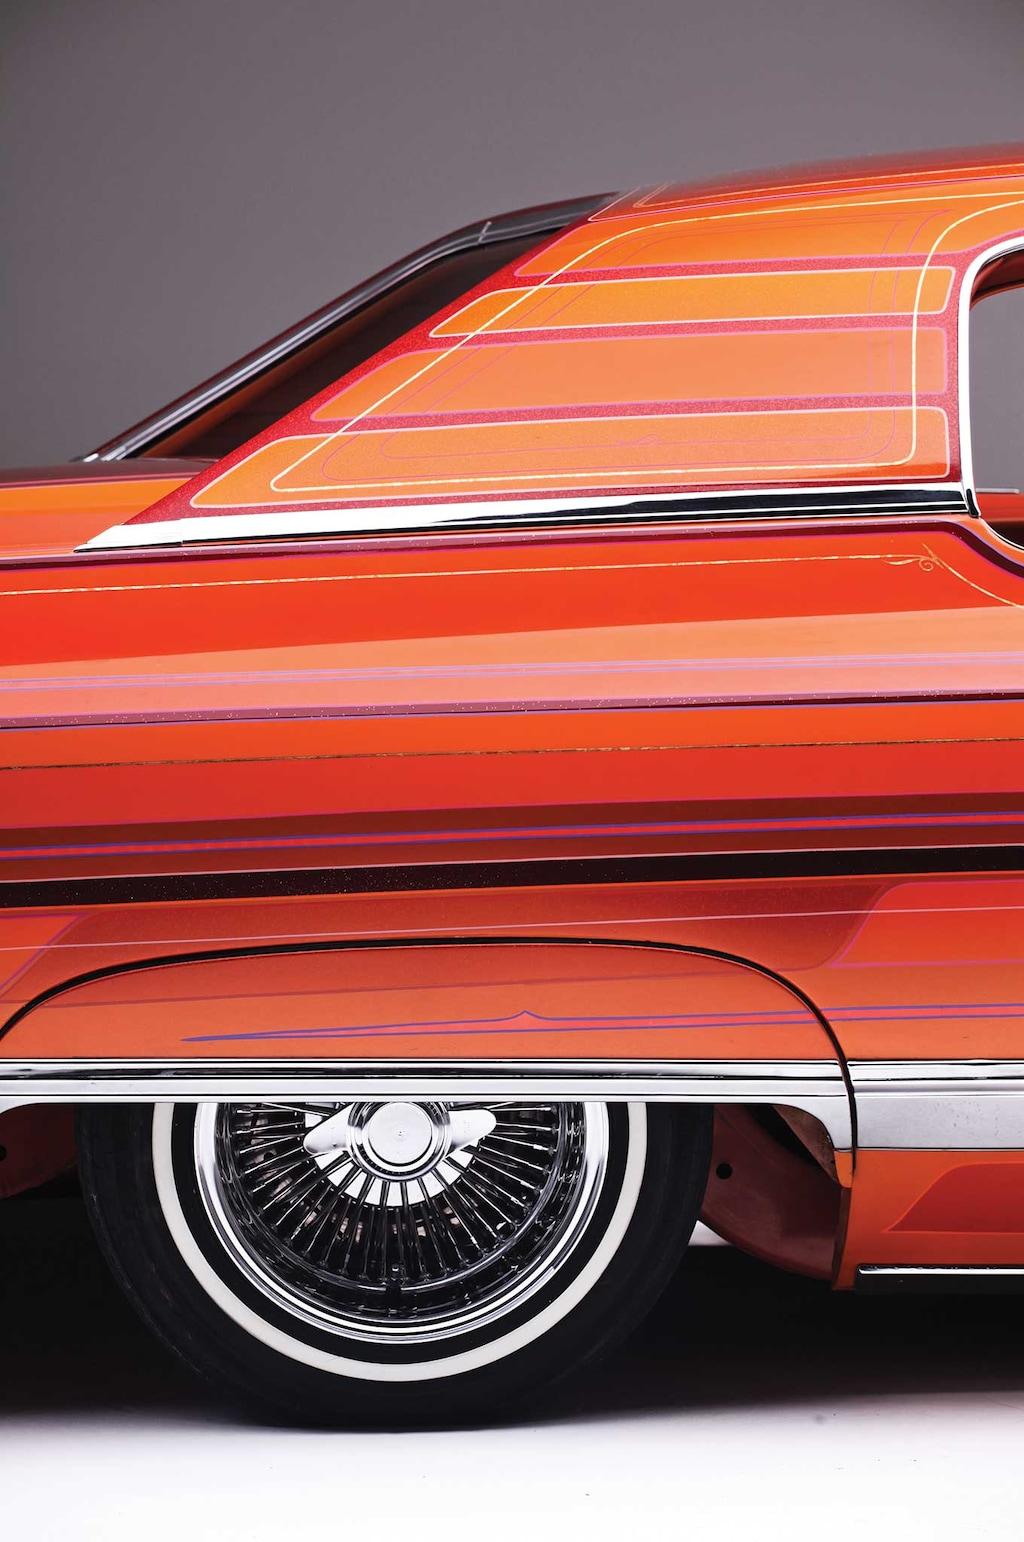 1972 chevy caprice wheel skirt 009